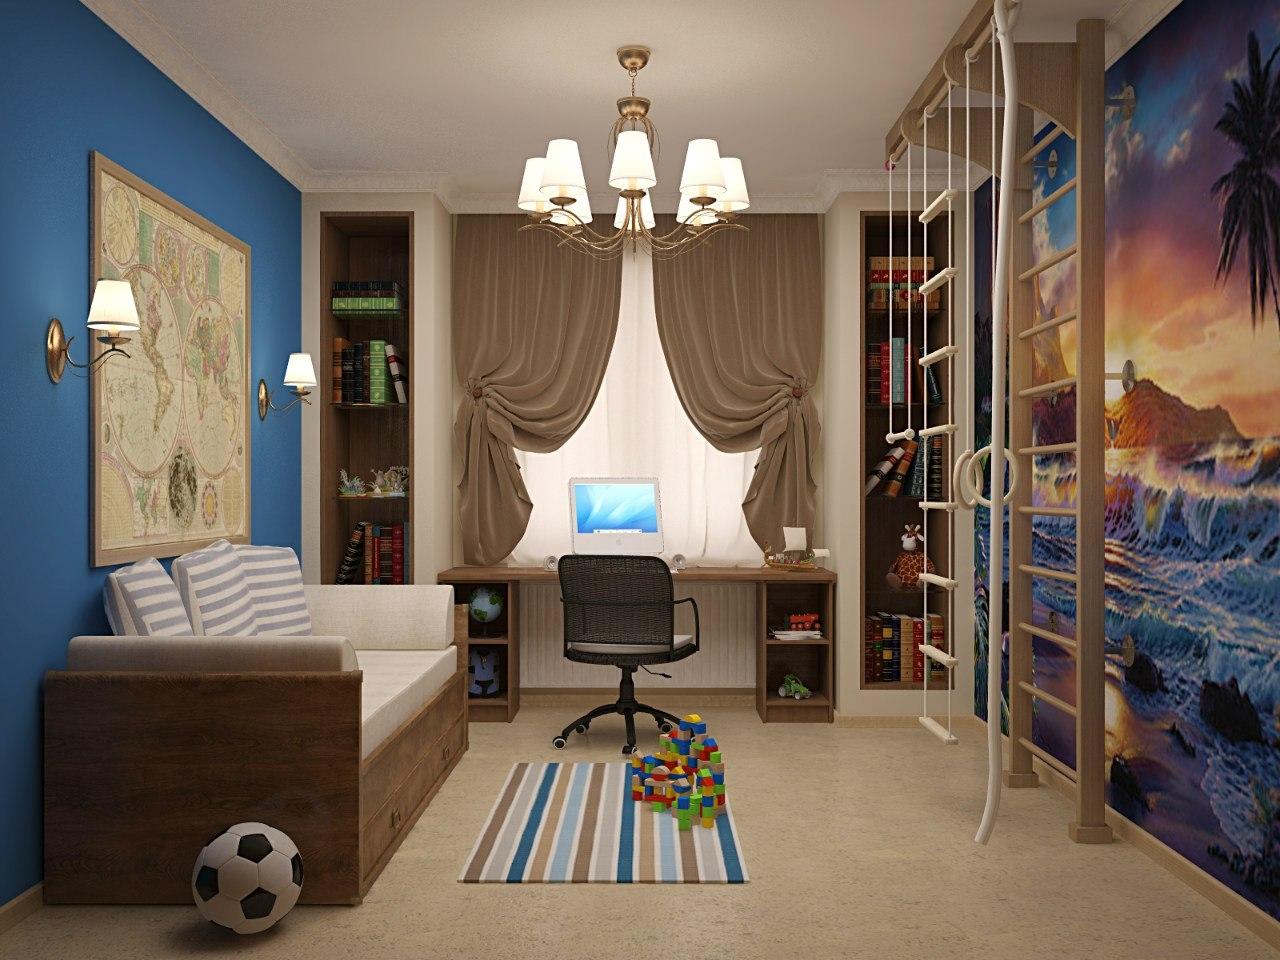 Дизайн детской комнаты для мальчика со спортивным уголком